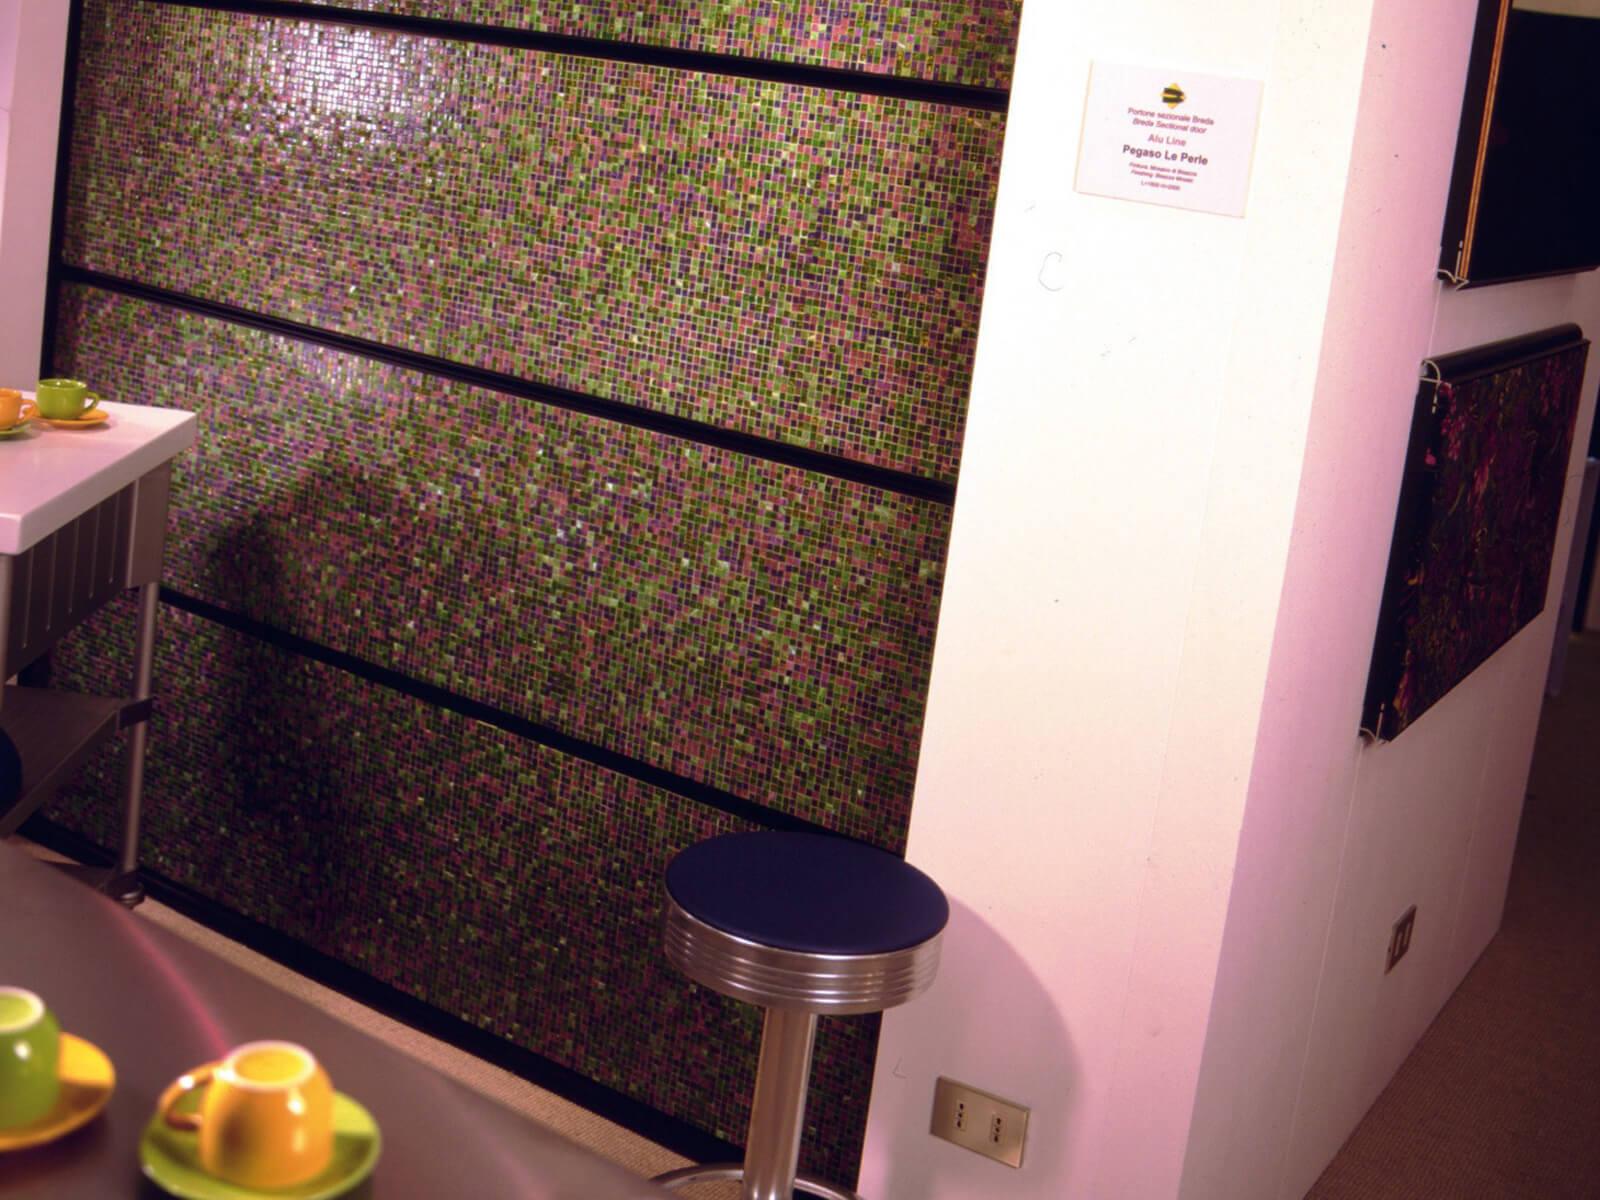 Portone di design Le Perle STONE JEWELS - Mosaico